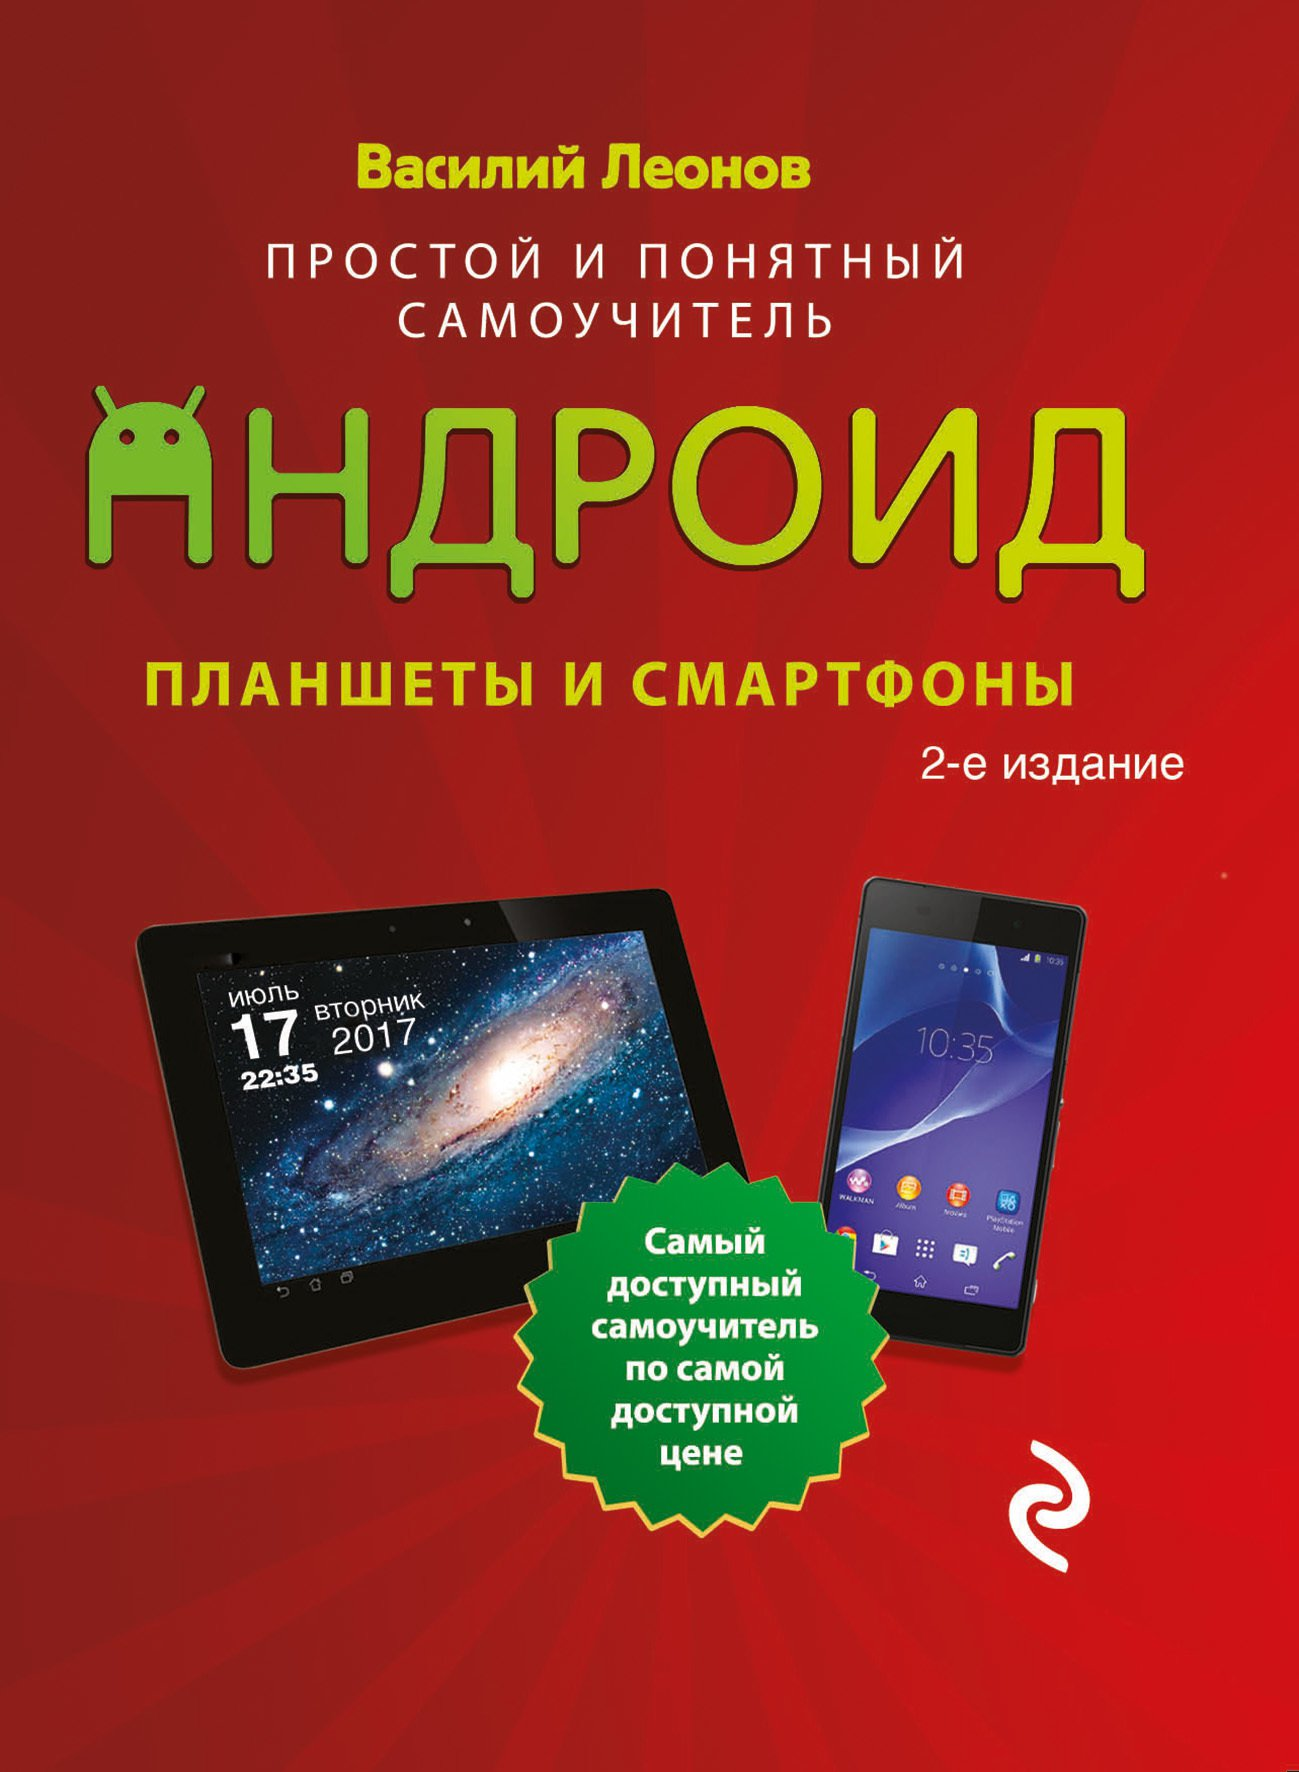 Леонов Василий Планшеты и смартфоны на Android. Простой и понятный самоучитель. 2-е издание